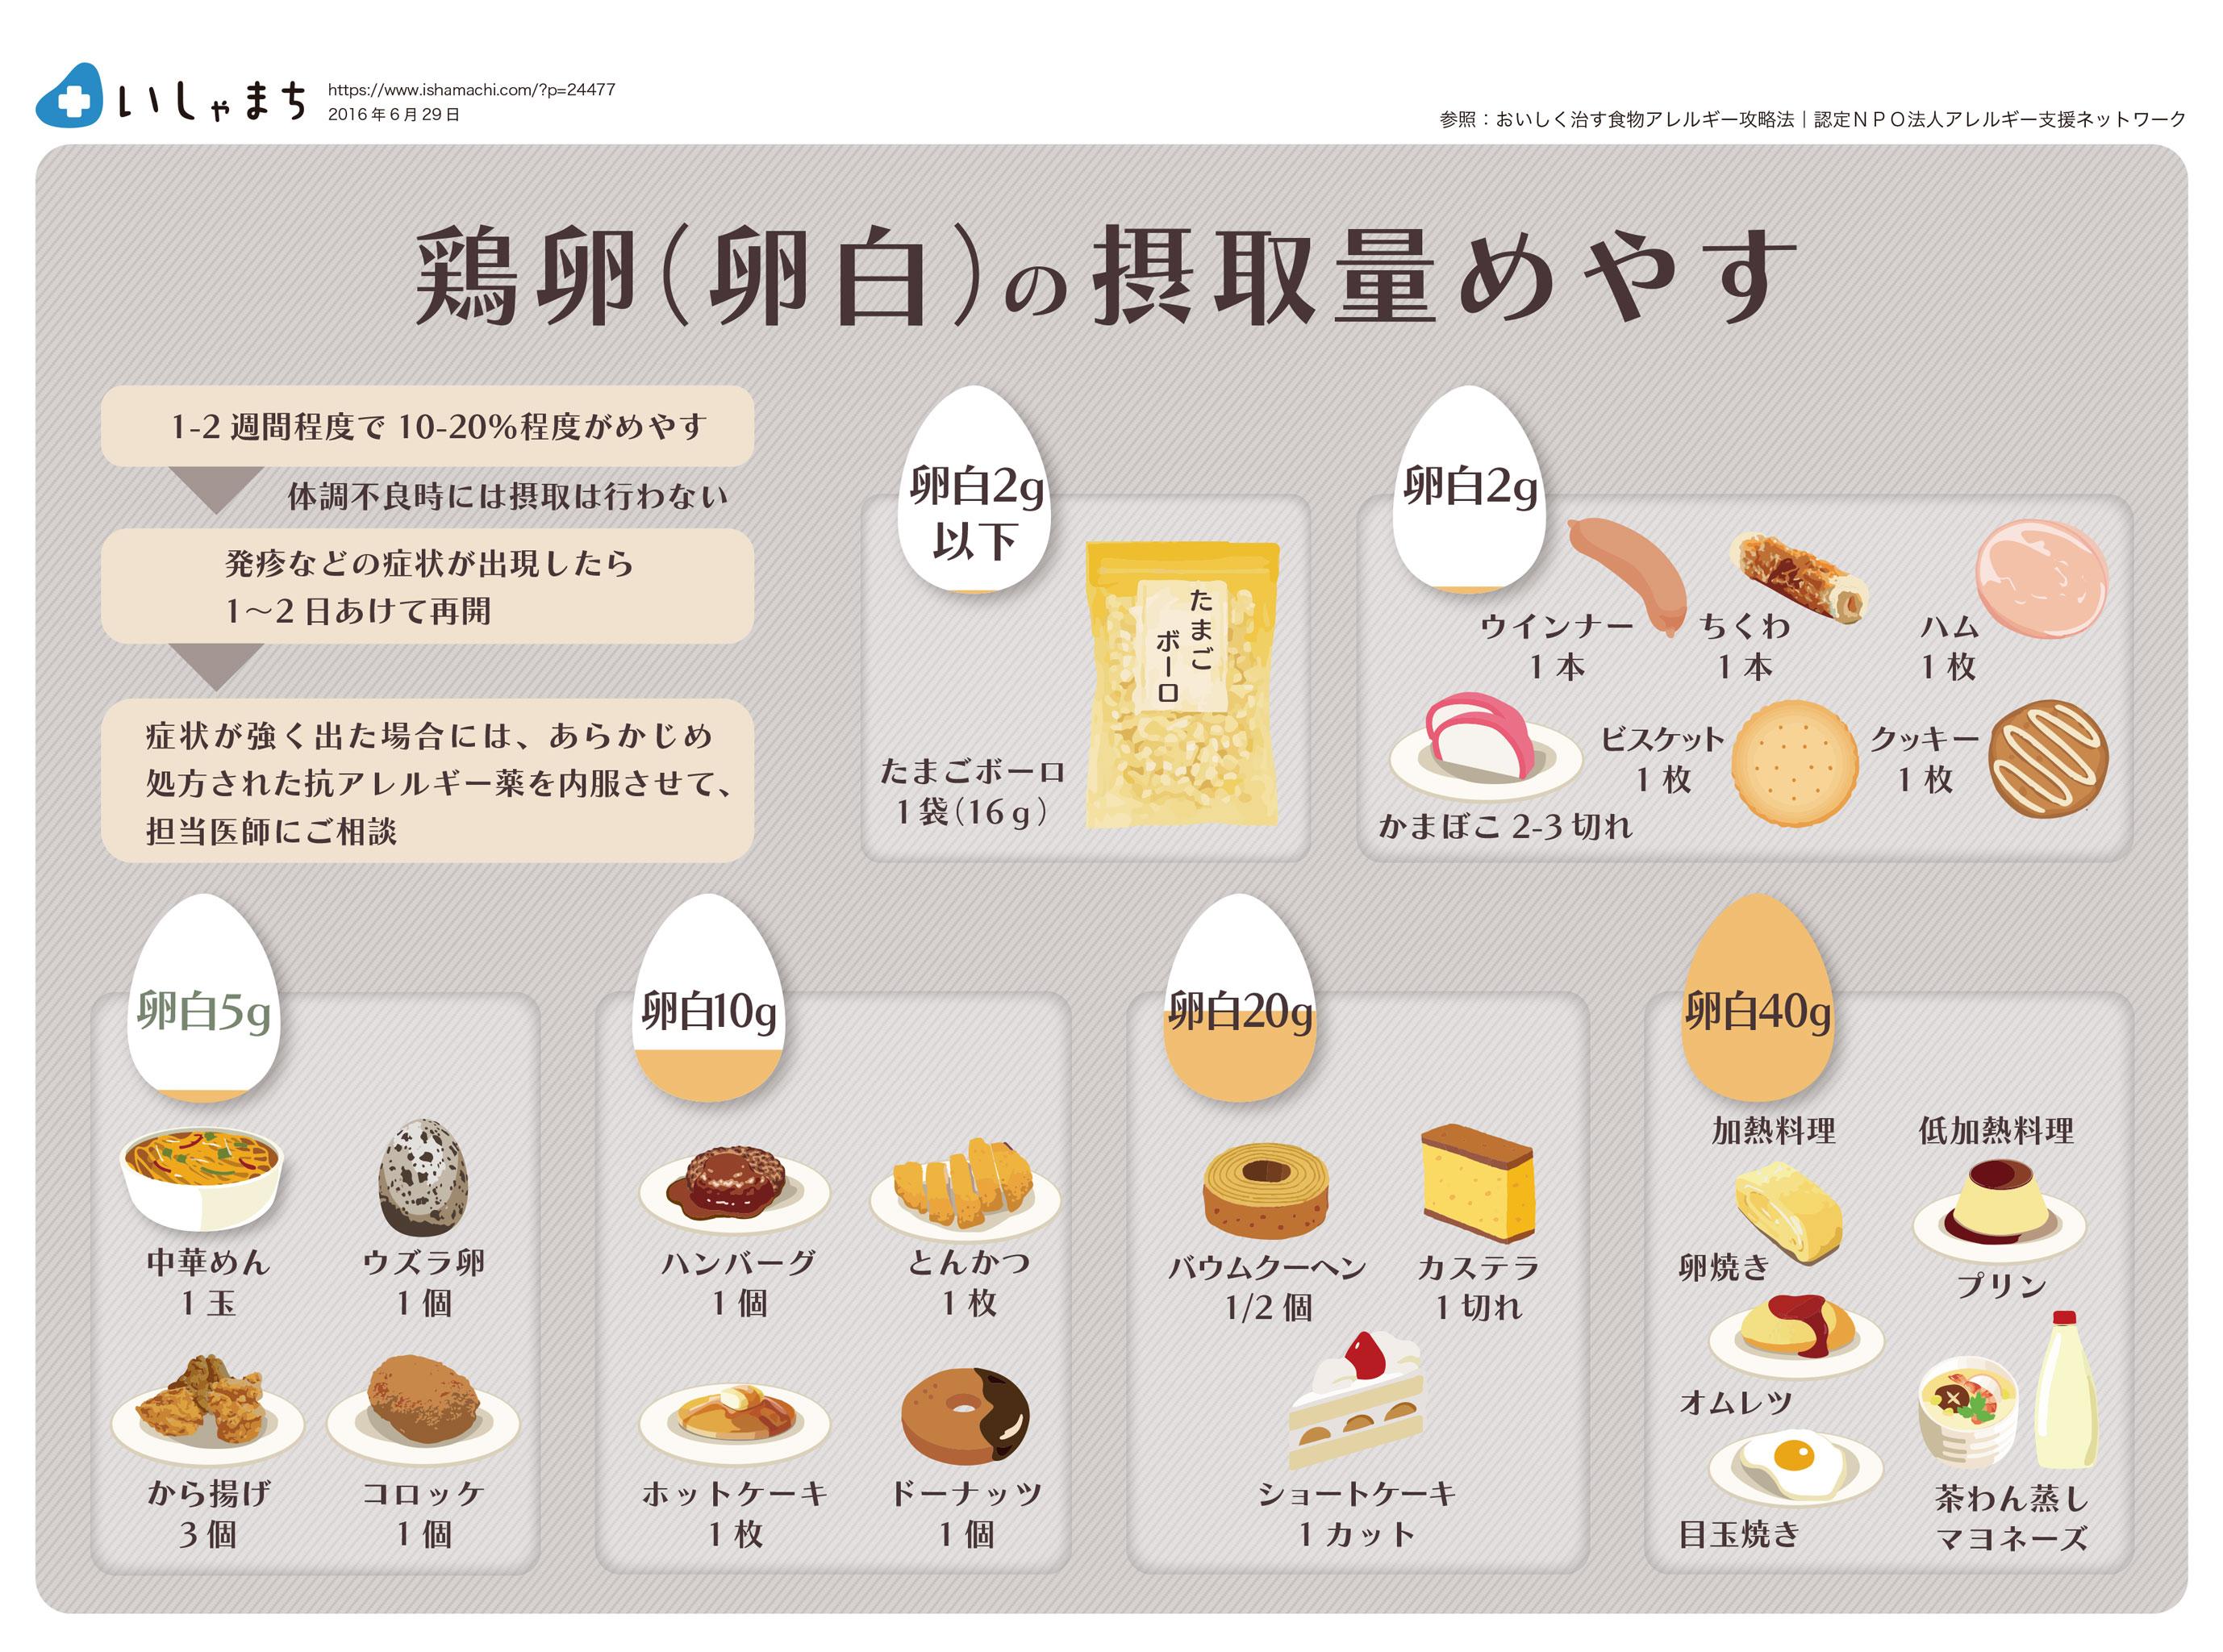 離乳食 卵黄 進め方